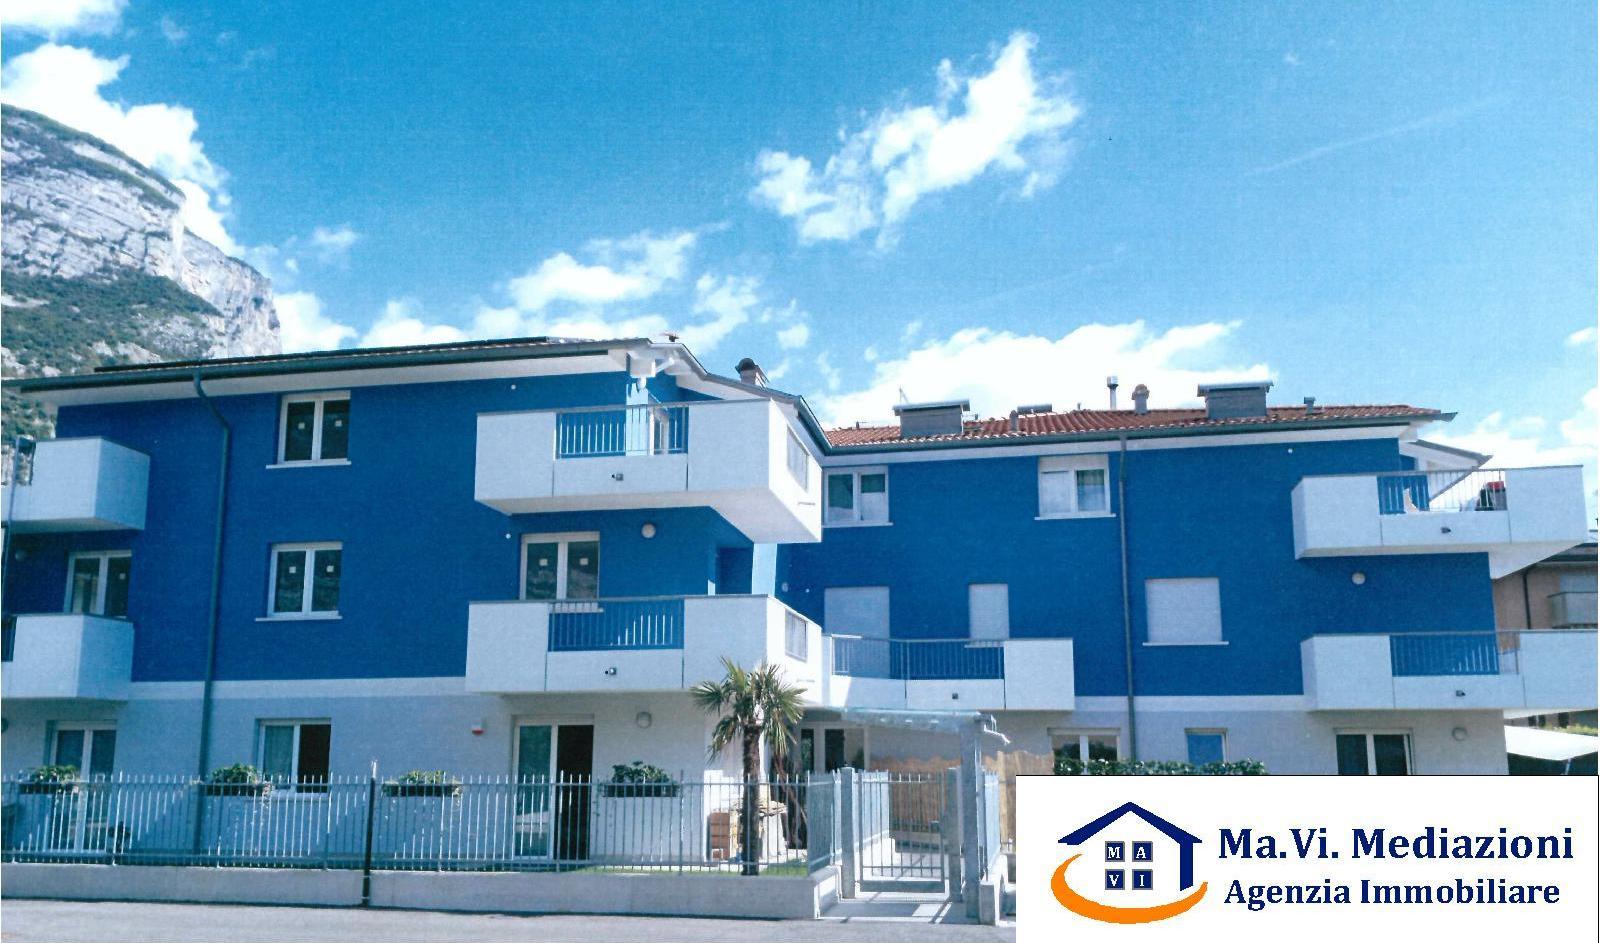 Appartamento in vendita a Dro, 3 locali, prezzo € 227.000 | CambioCasa.it